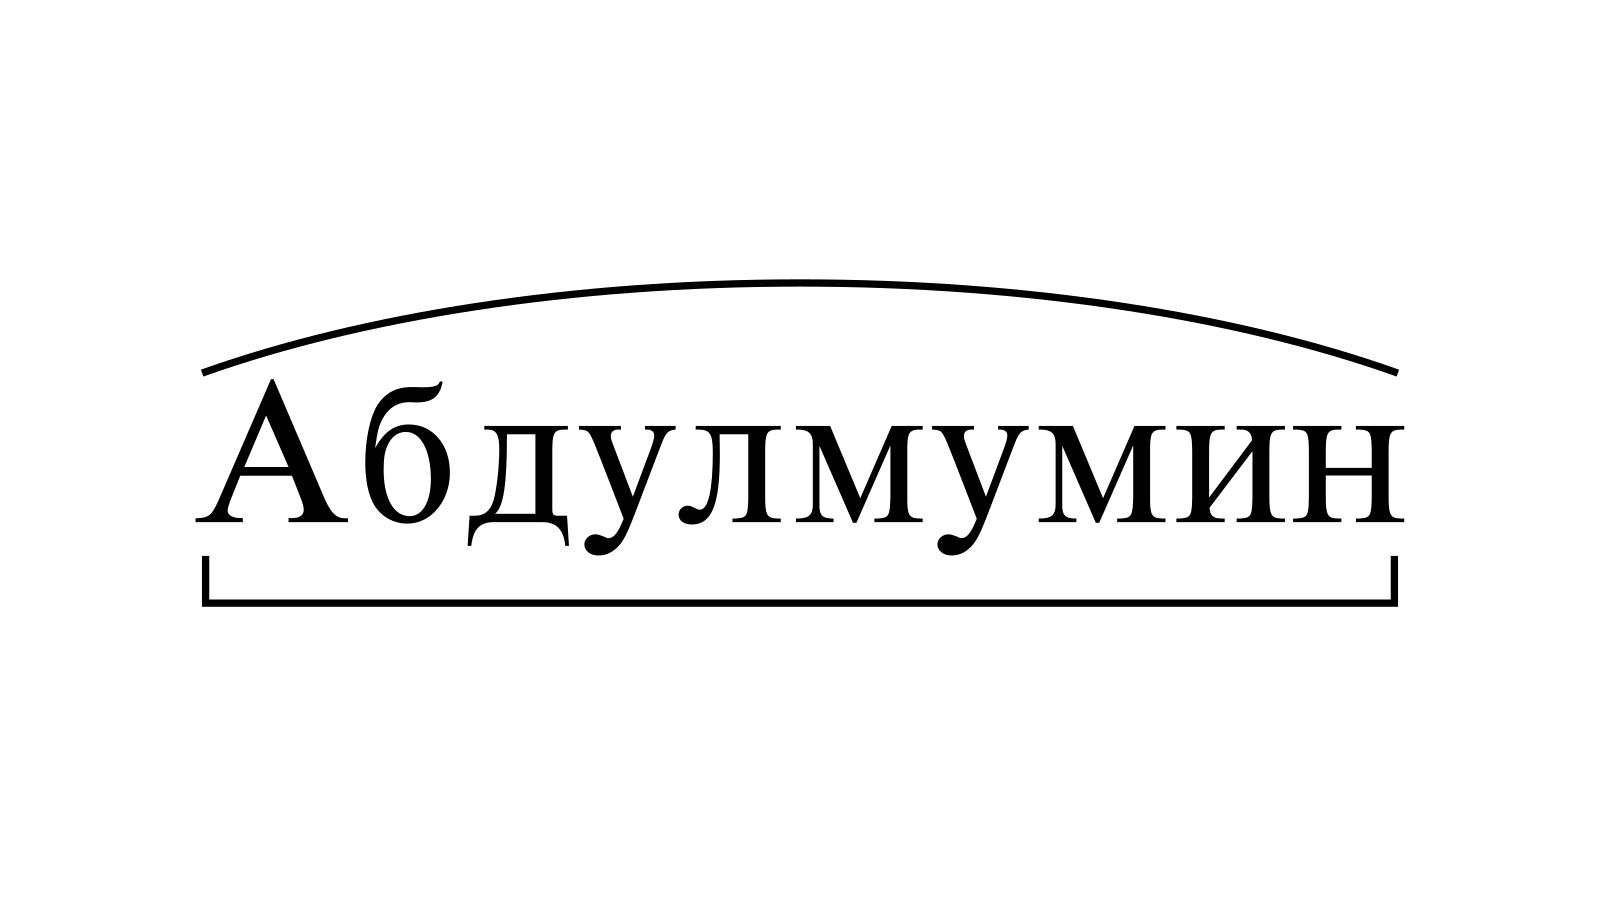 Разбор слова «Абдулмумин» по составу